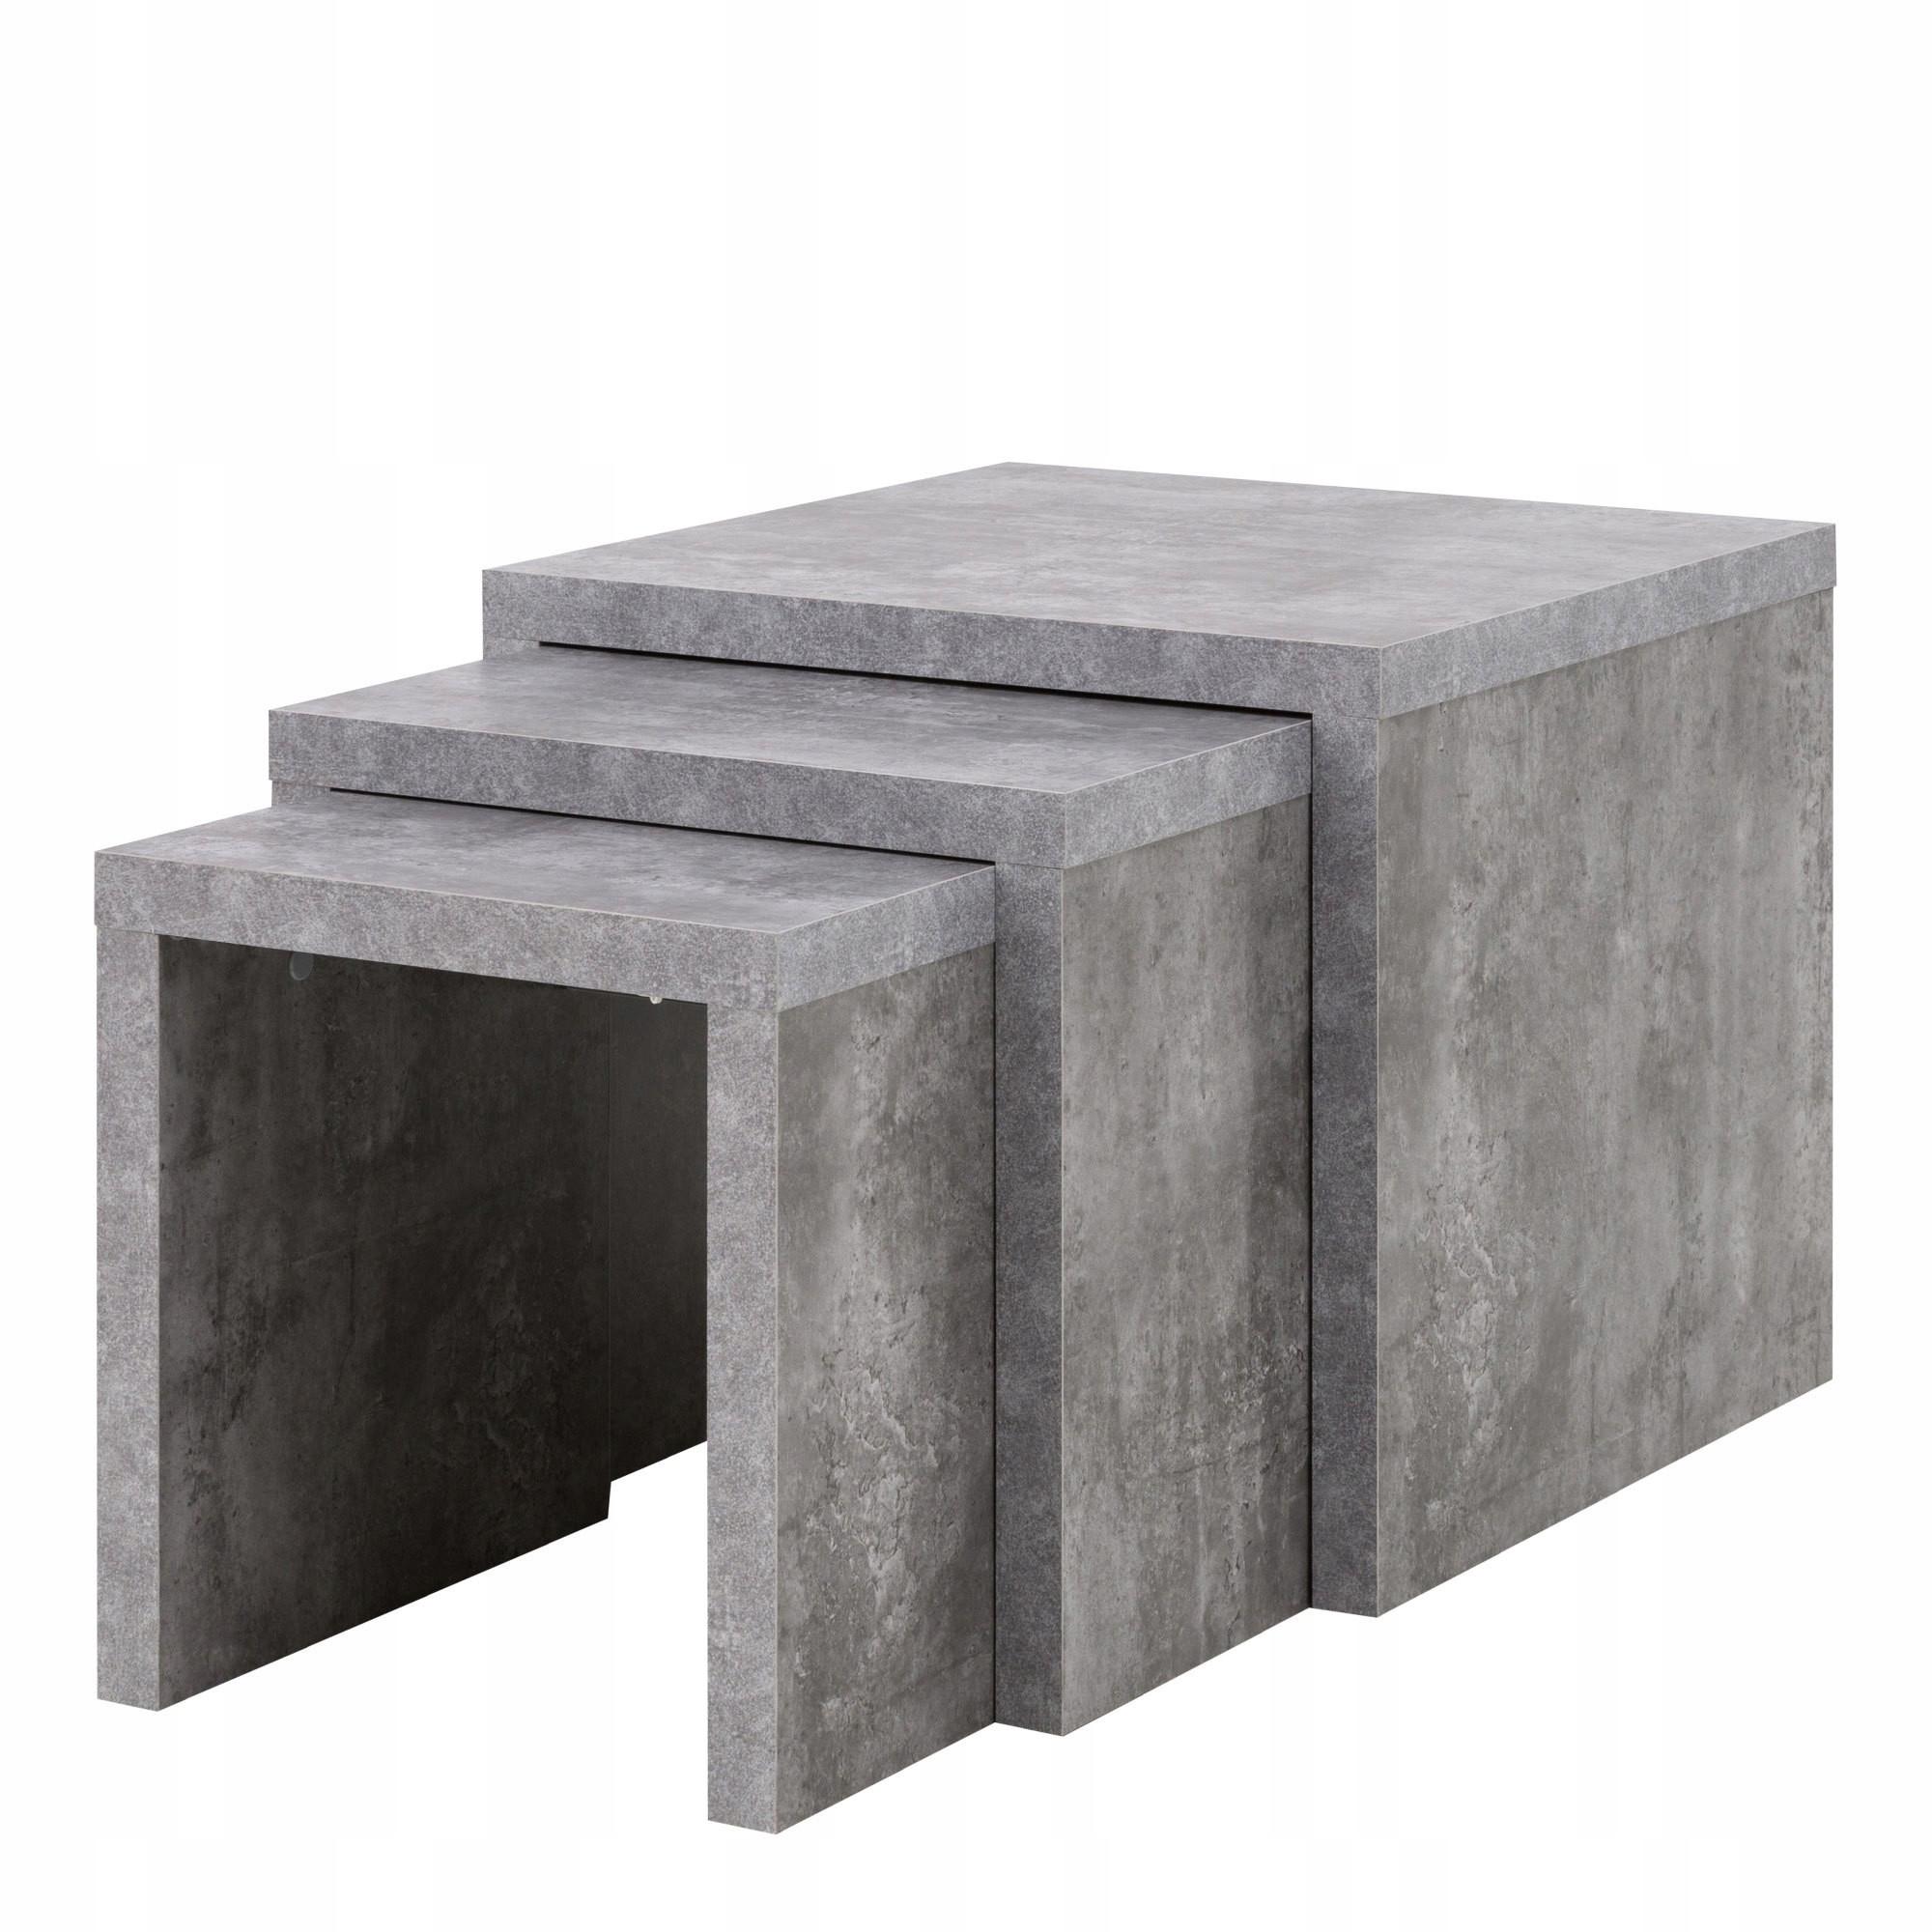 Ława stolik kawowy zestaw 3 w 1 beton